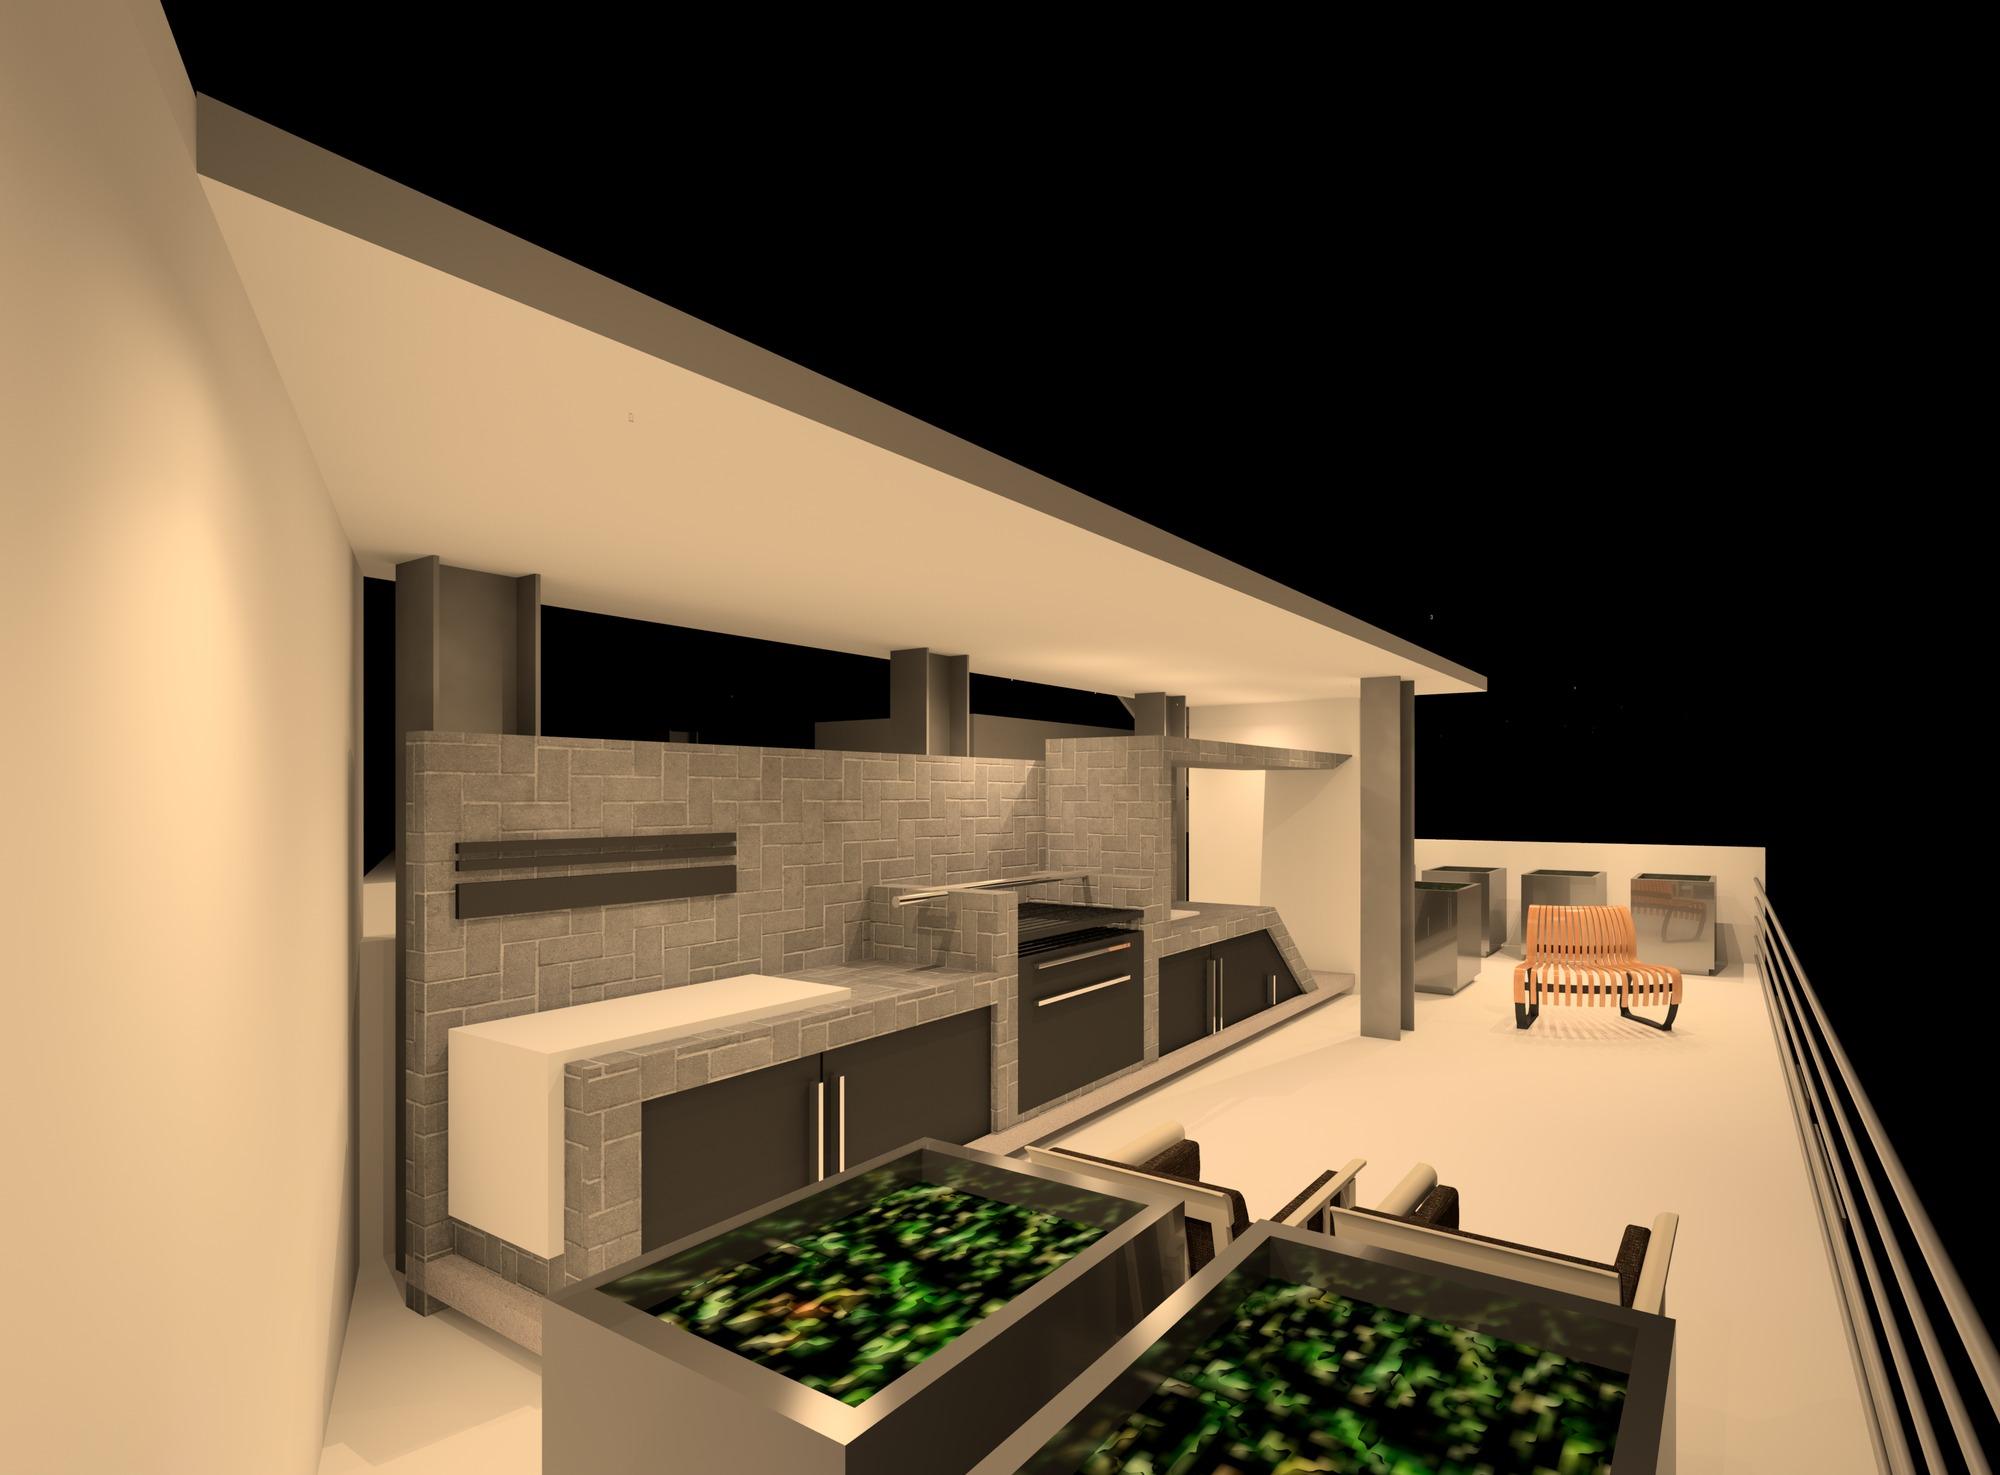 Raas-rendering20150105-17783-1cjw4u4